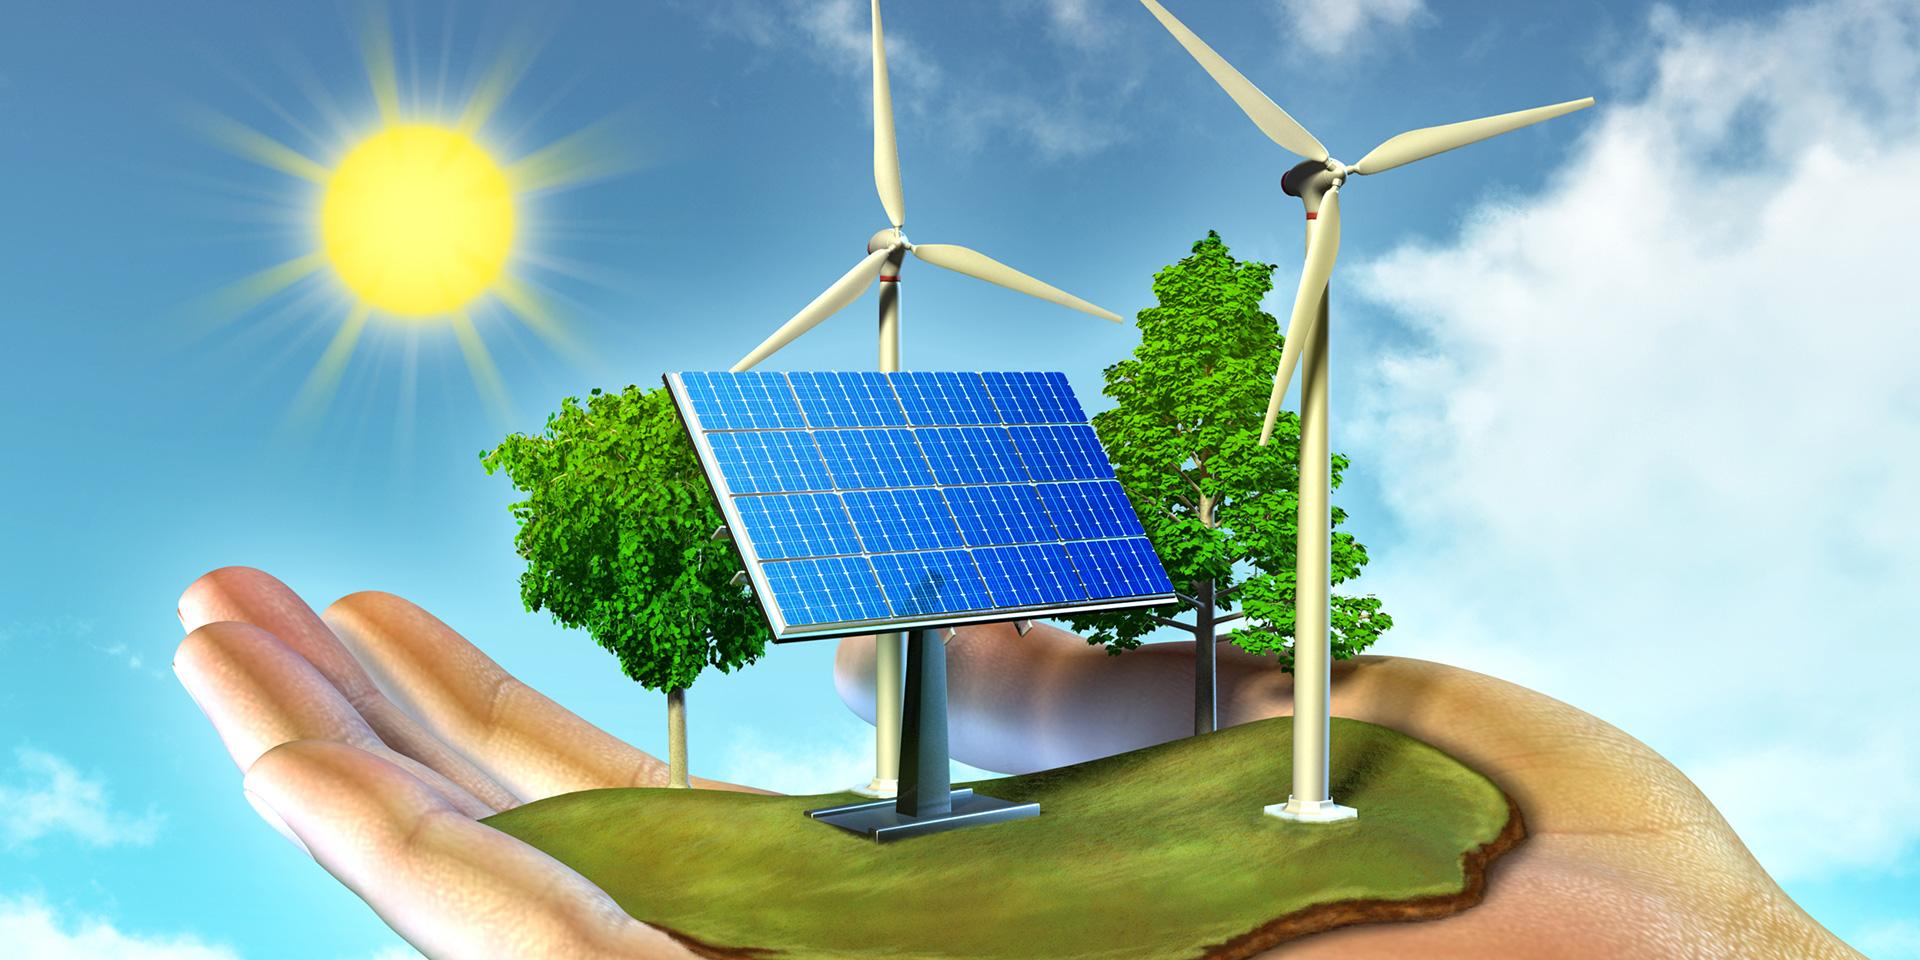 România va fi împărţită în zece zone de vânt şi soare în care să se pună turbine şi panouri. Ce spune industria regenerabilelor